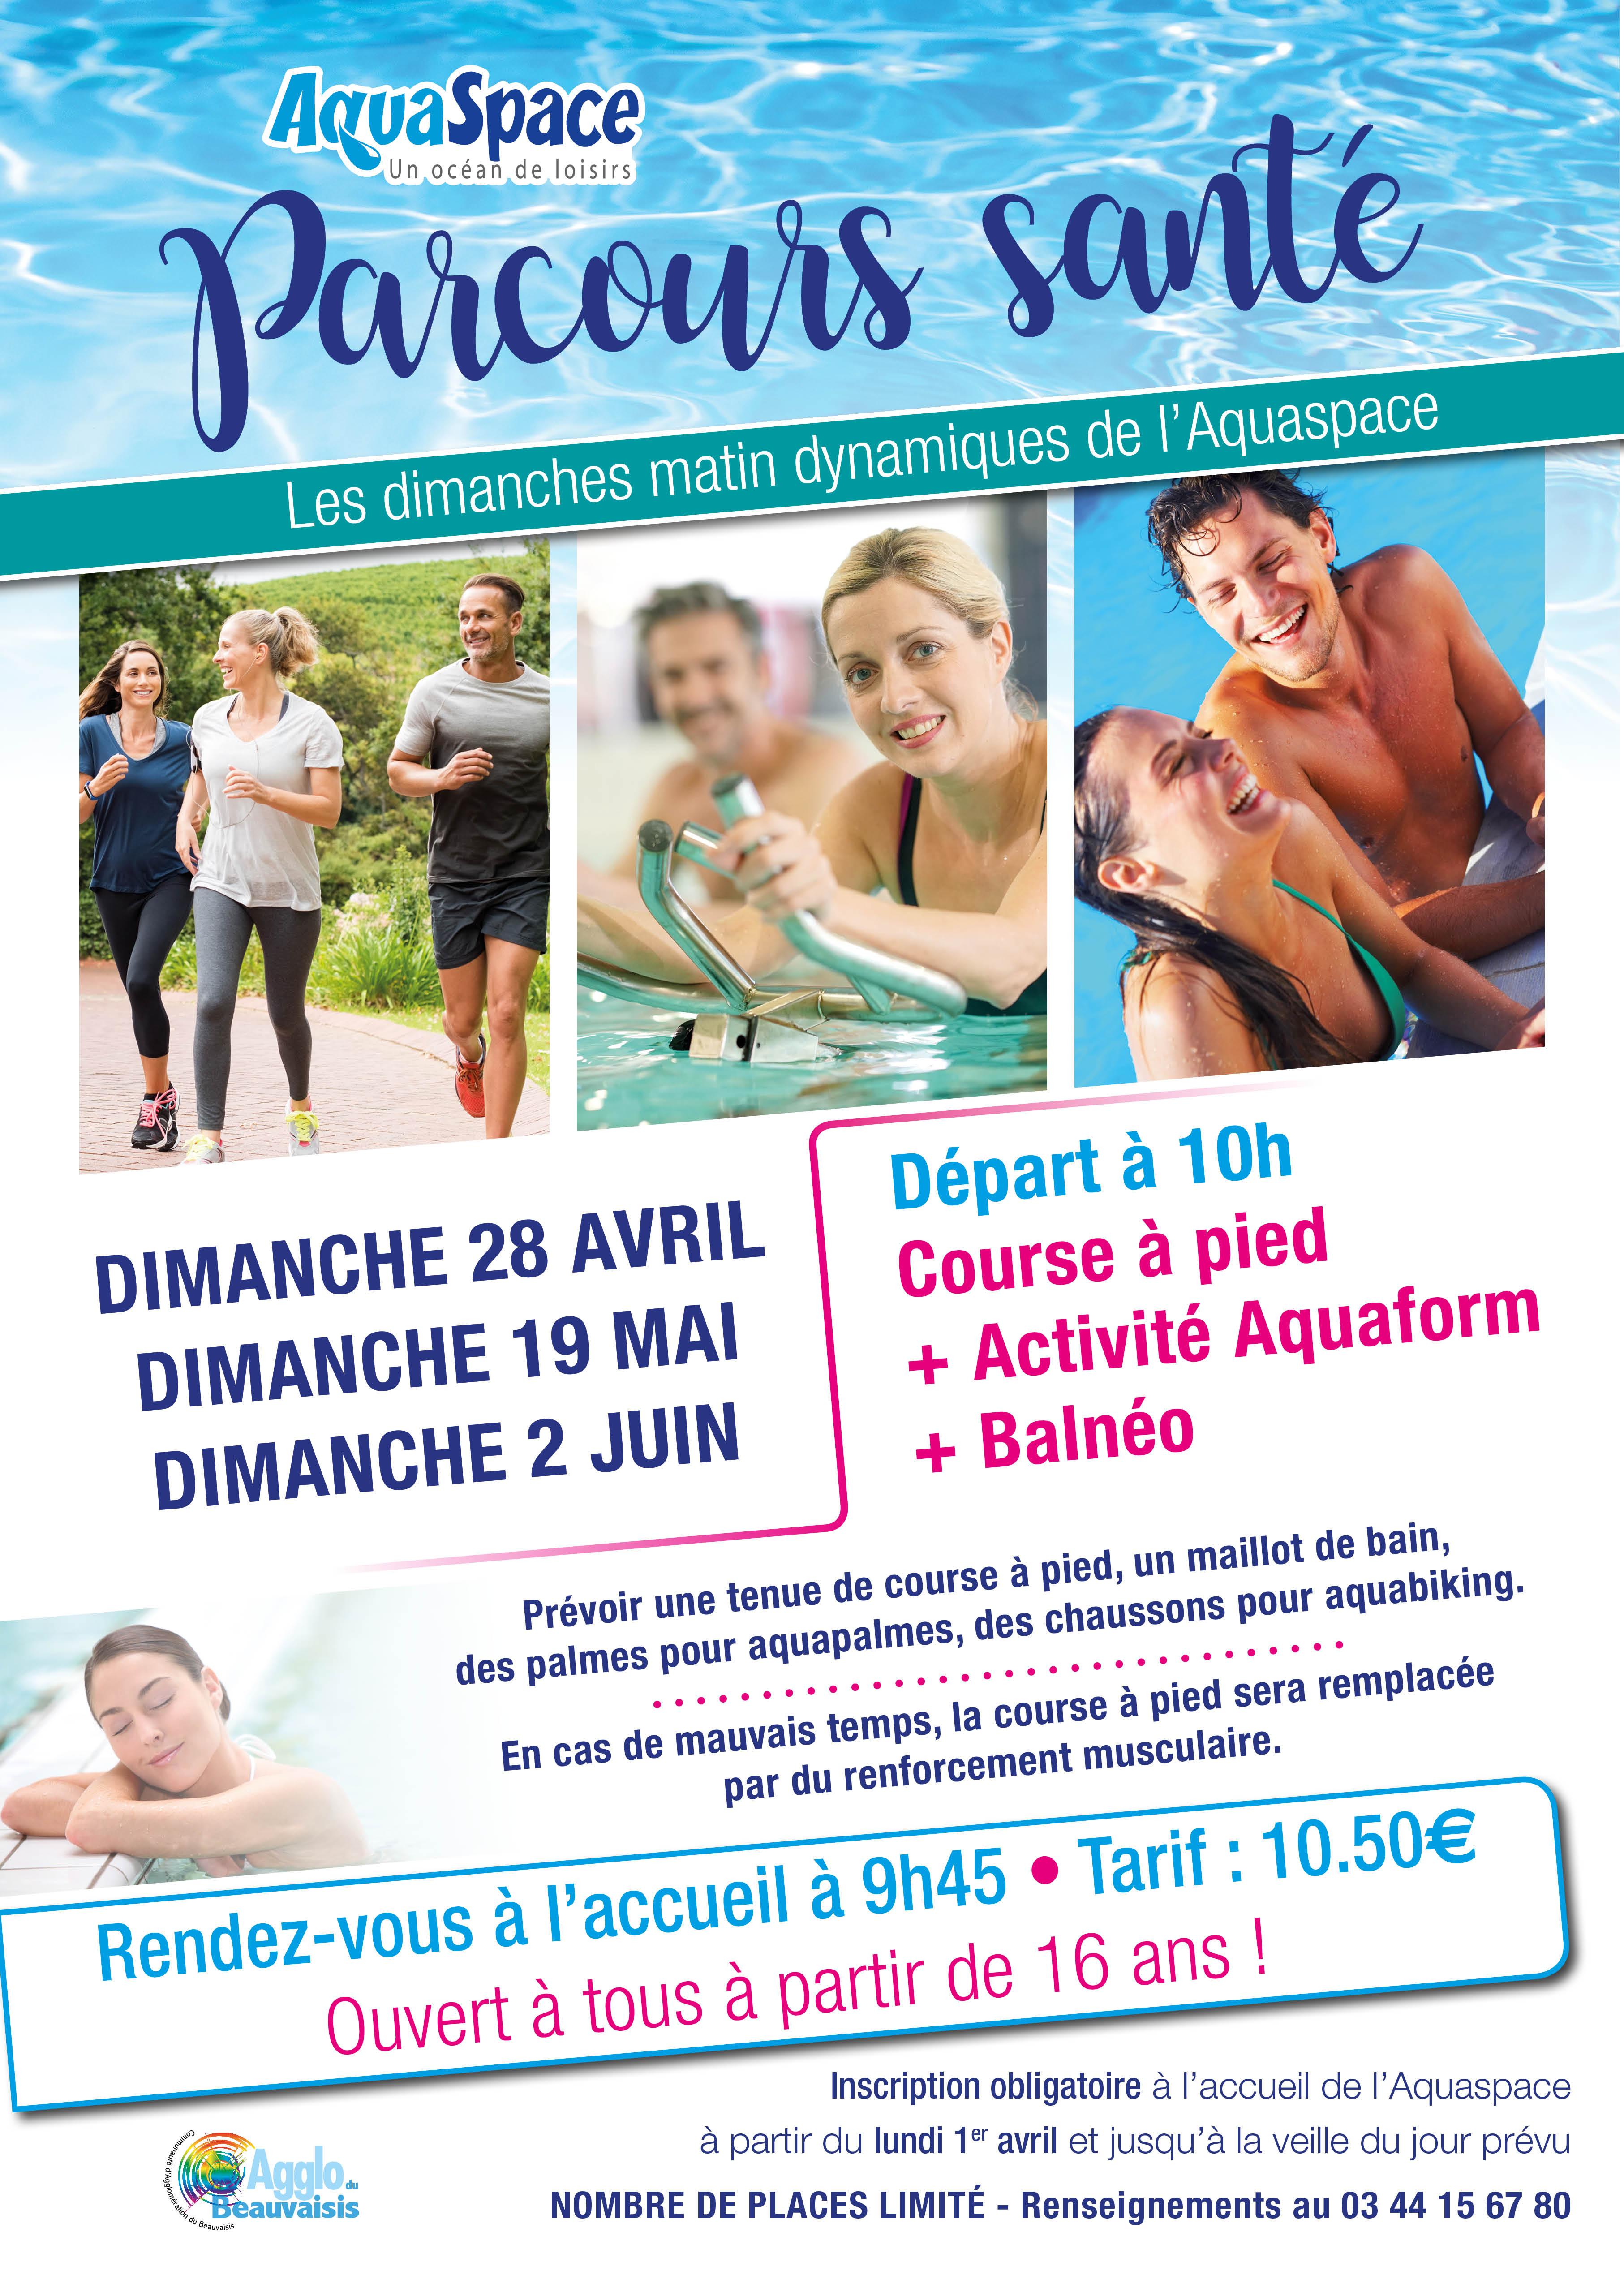 Les parcours santé de l'Aquaspace pour se faire du bien